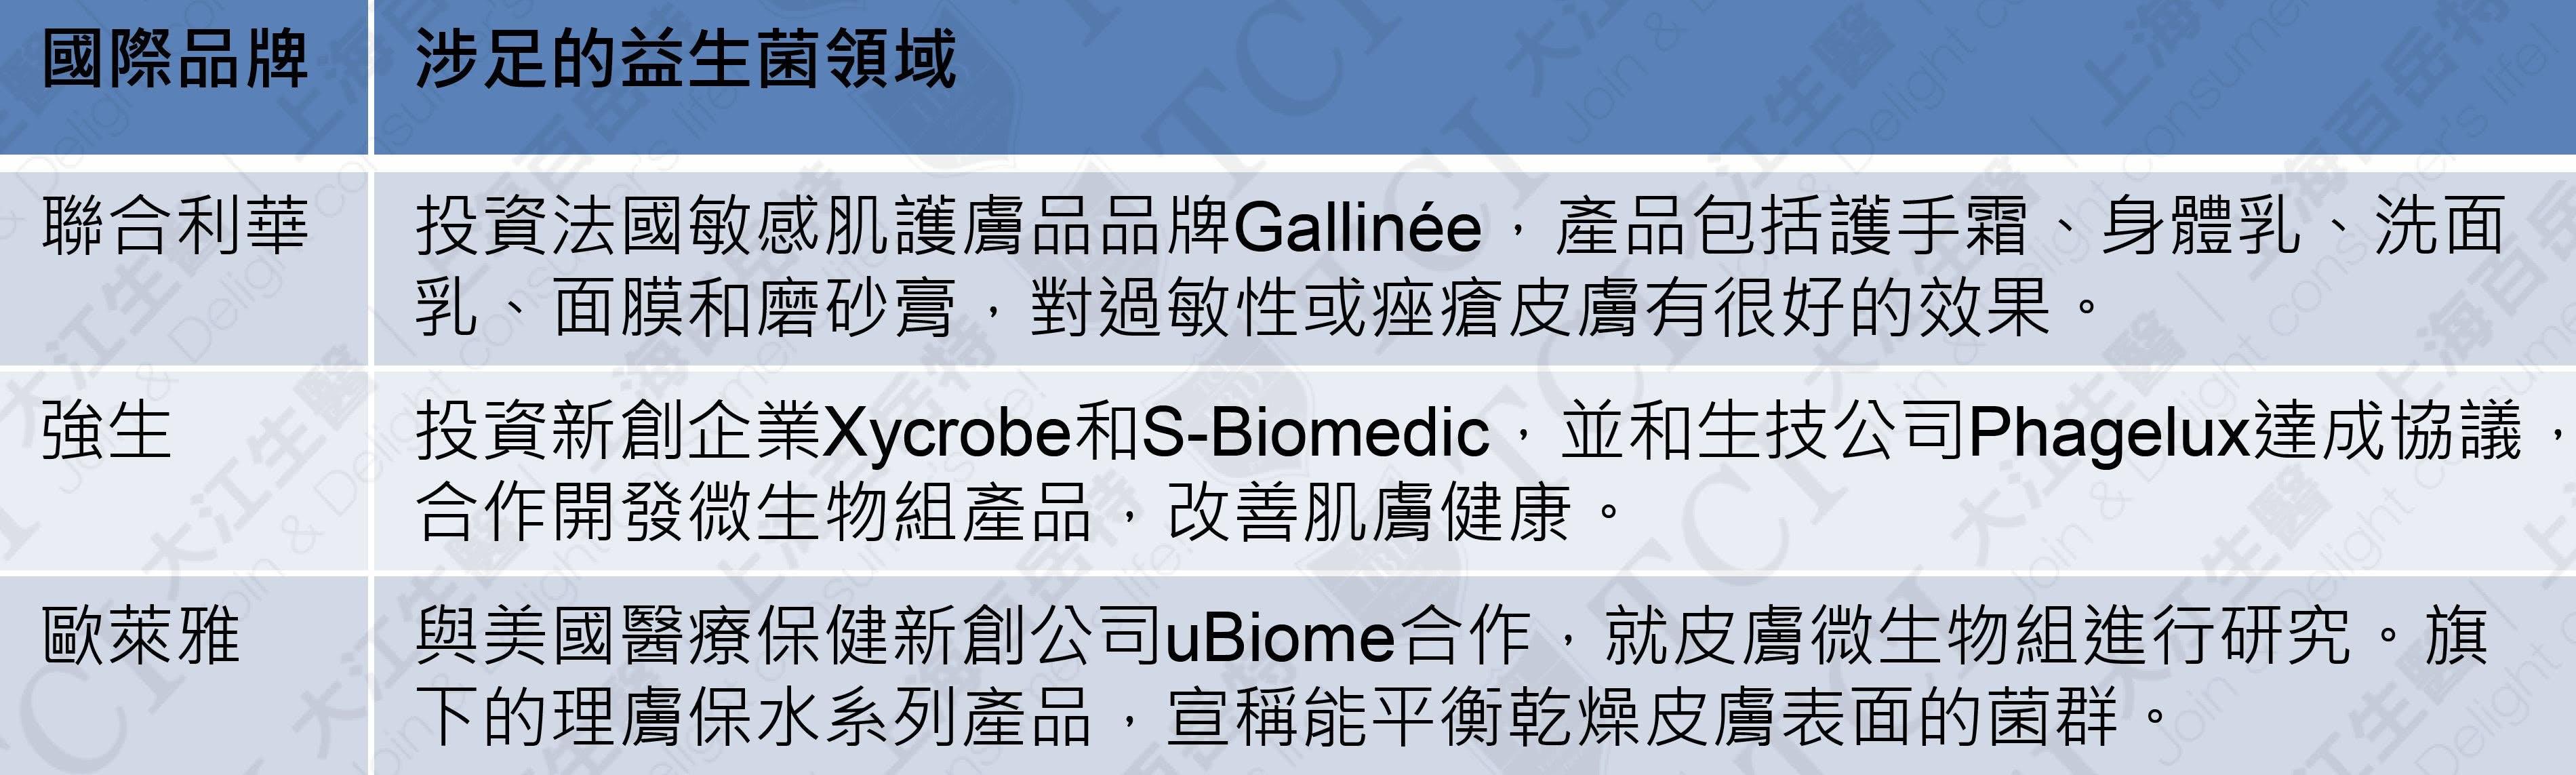 國際品牌投資益生菌護膚品, 資料來源:TCI 整理